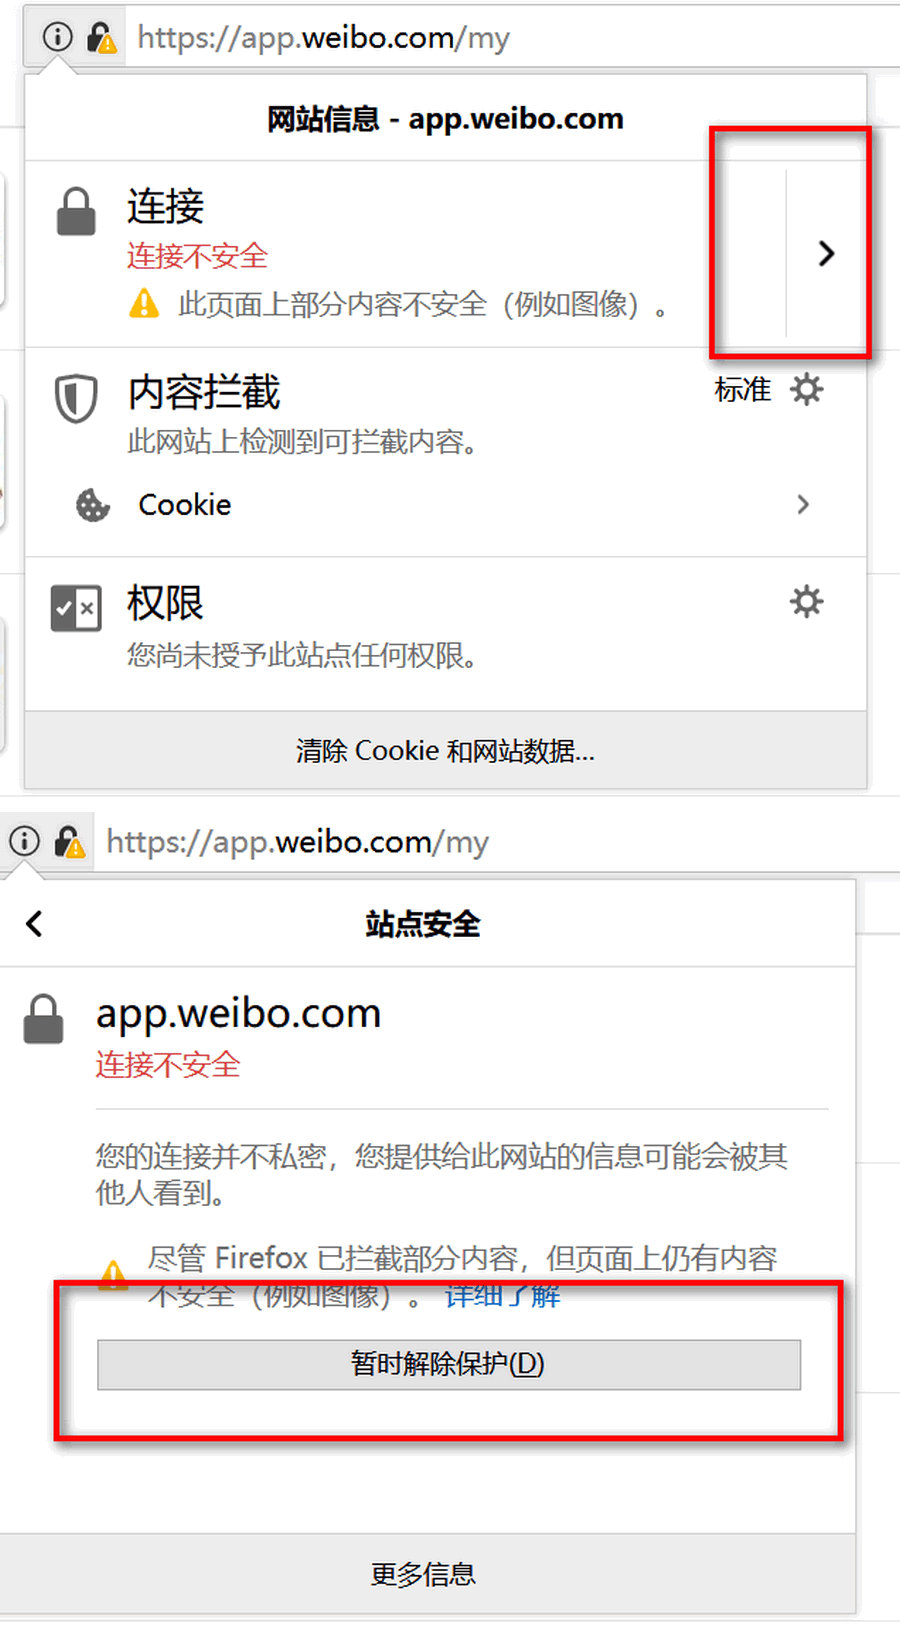 如何评价微博关联应用的删除按钮是假的